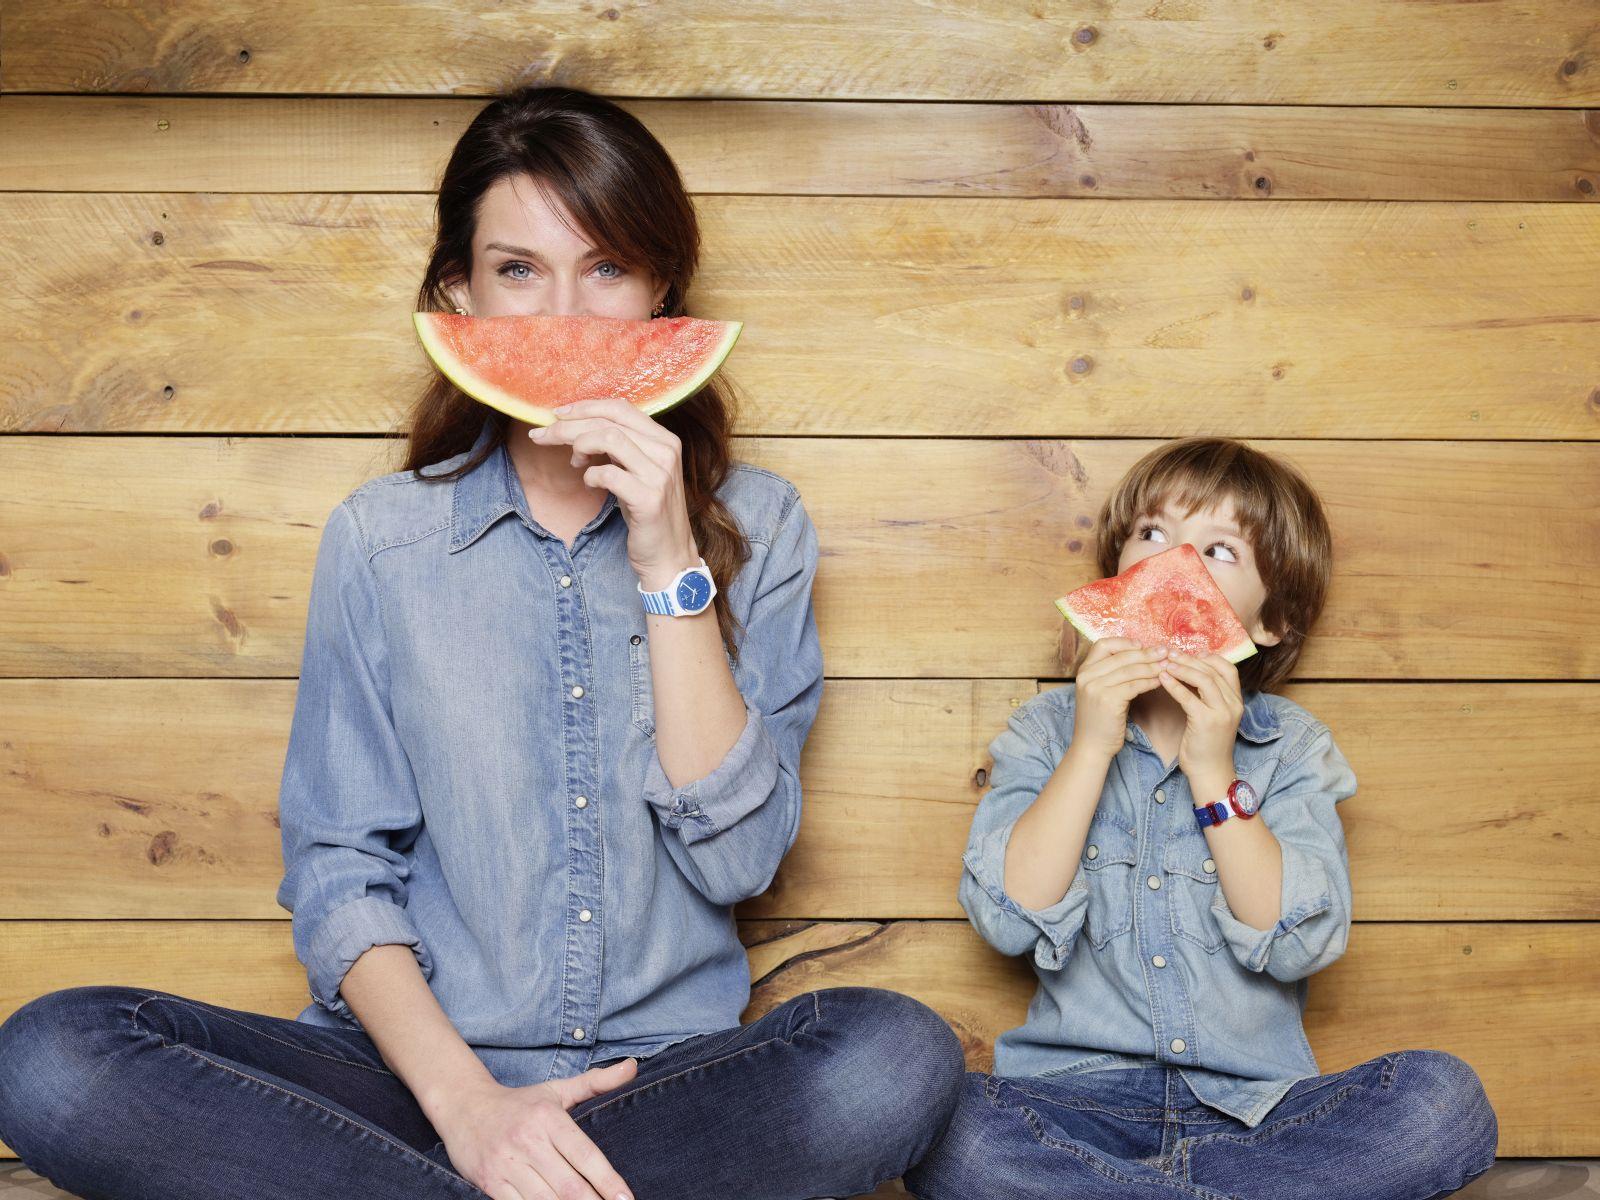 4cd4f072f64 Soutěžte - Ukončeno - Soutěž o 10 hodinek Swatch pro děti i rodiče ...